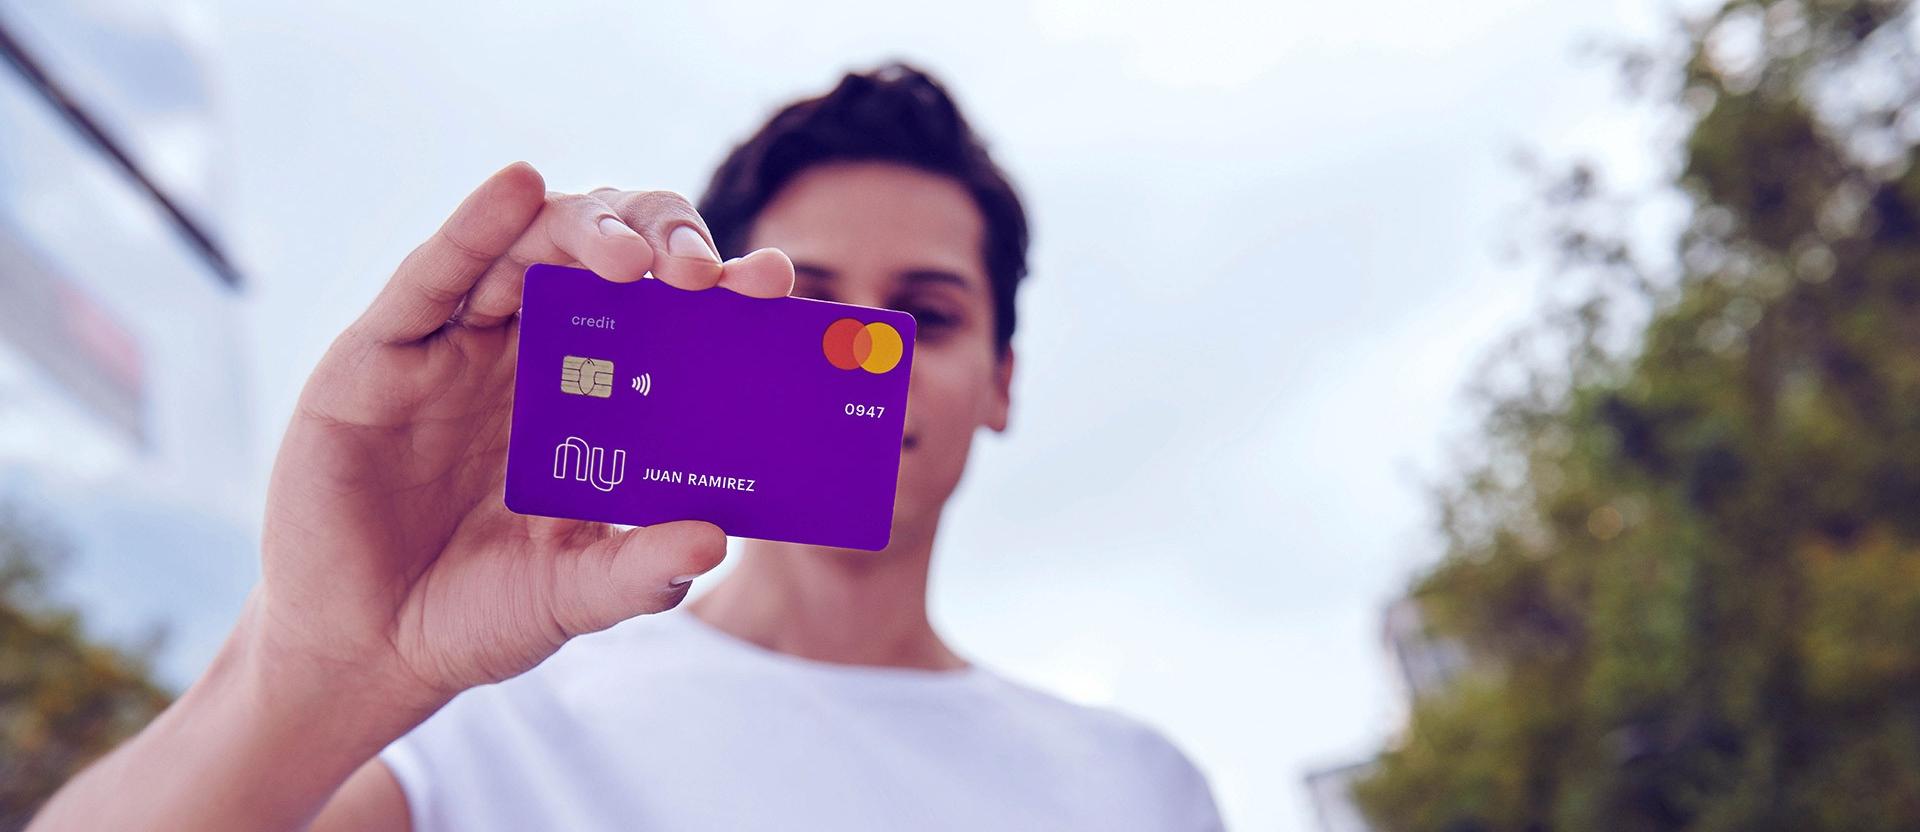 Un joven sostiene una tarjeta de crédito morada Nu con la inscripción de un nombre: